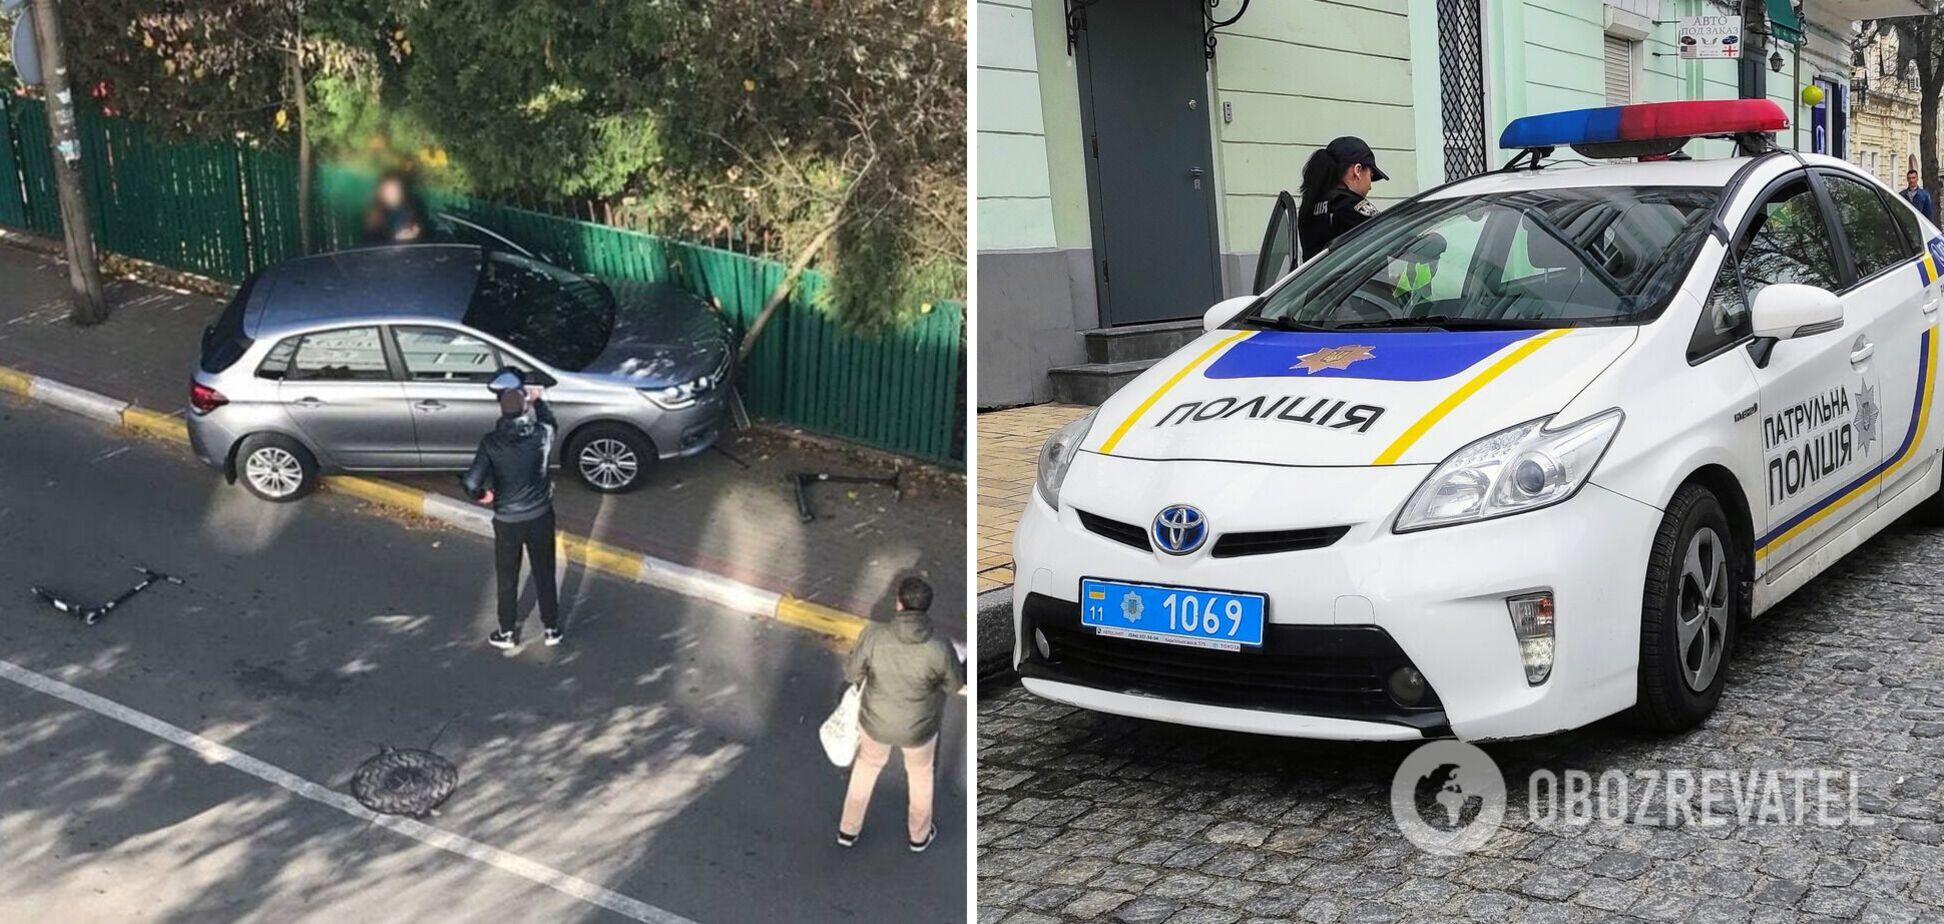 Обставини аварії встановить поліція